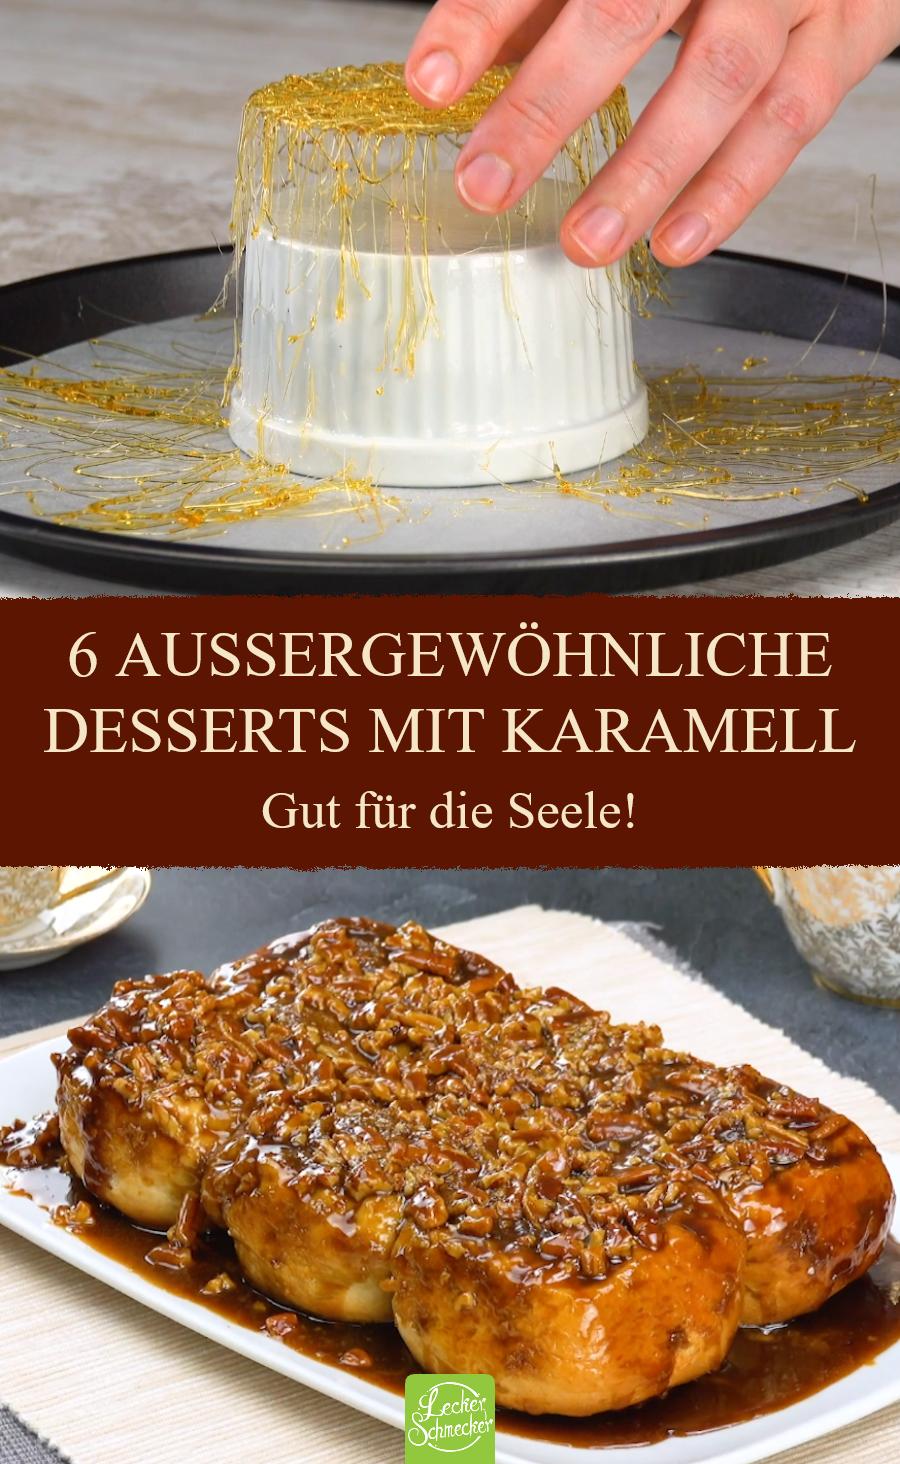 6 außergewöhnliche Desserts mit Karamell